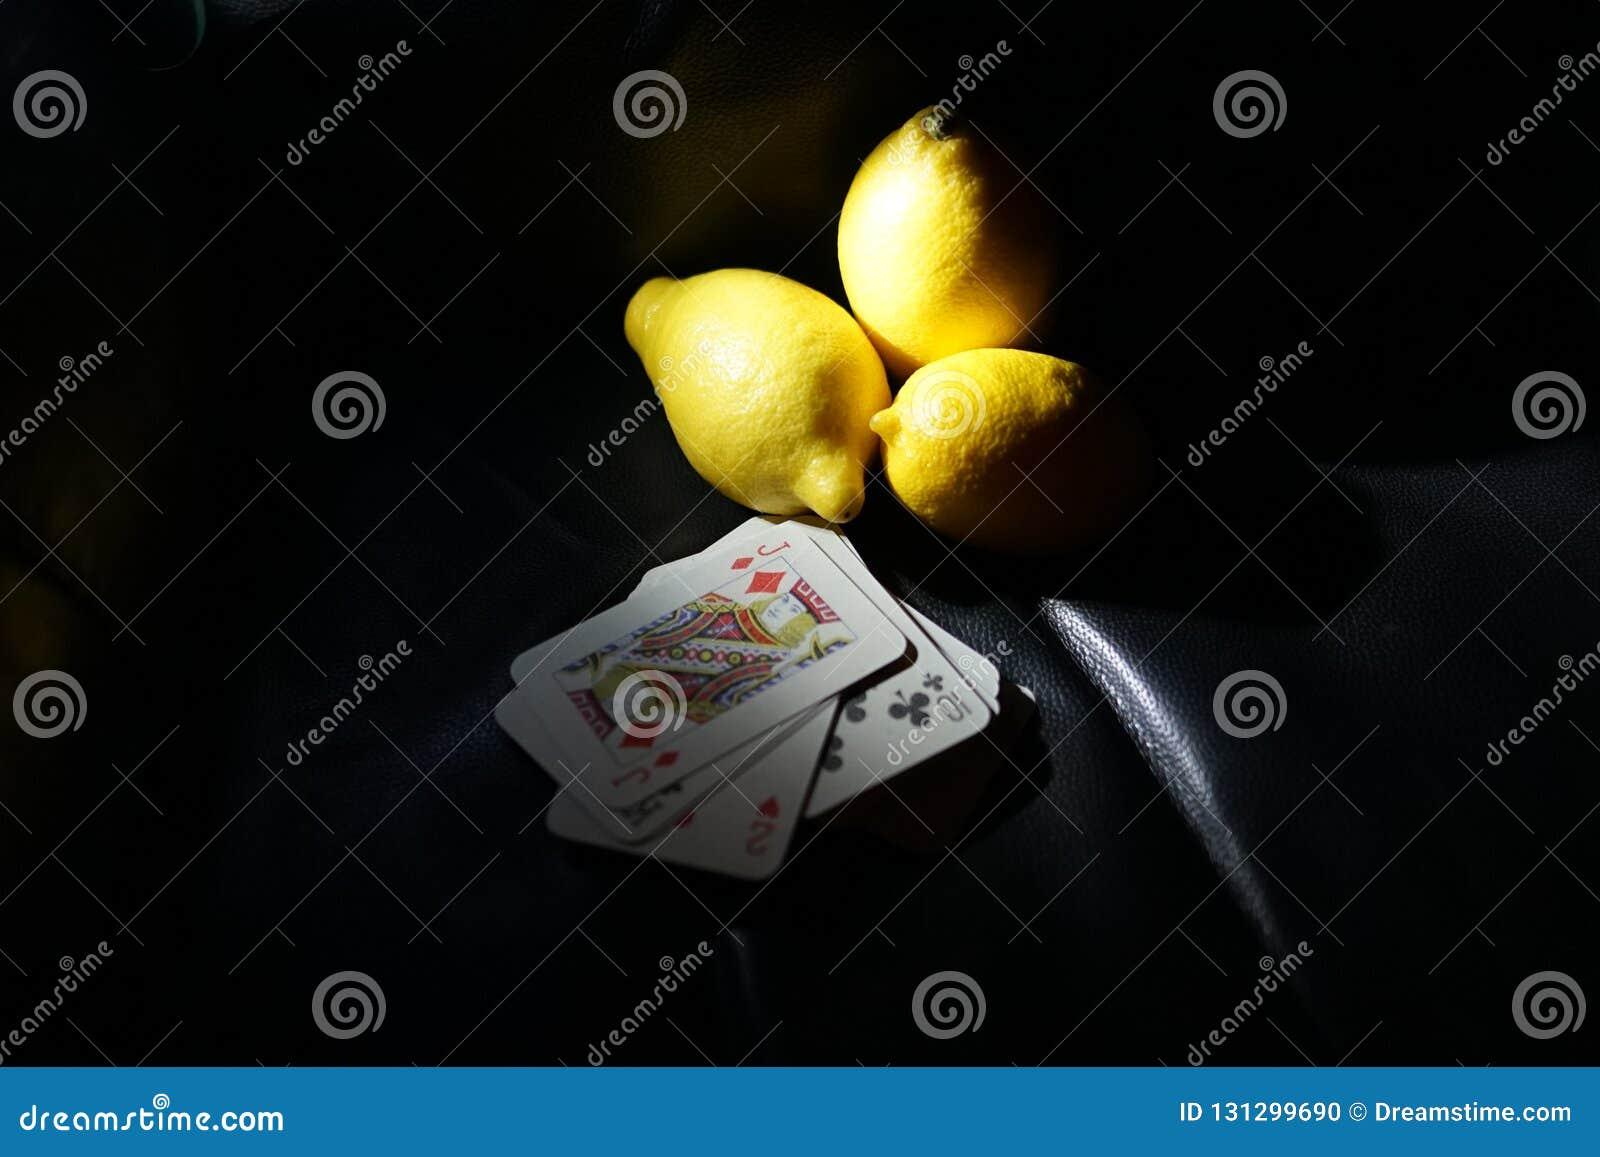 Cartes de jeu avec les puces colorées pour jouer au poker